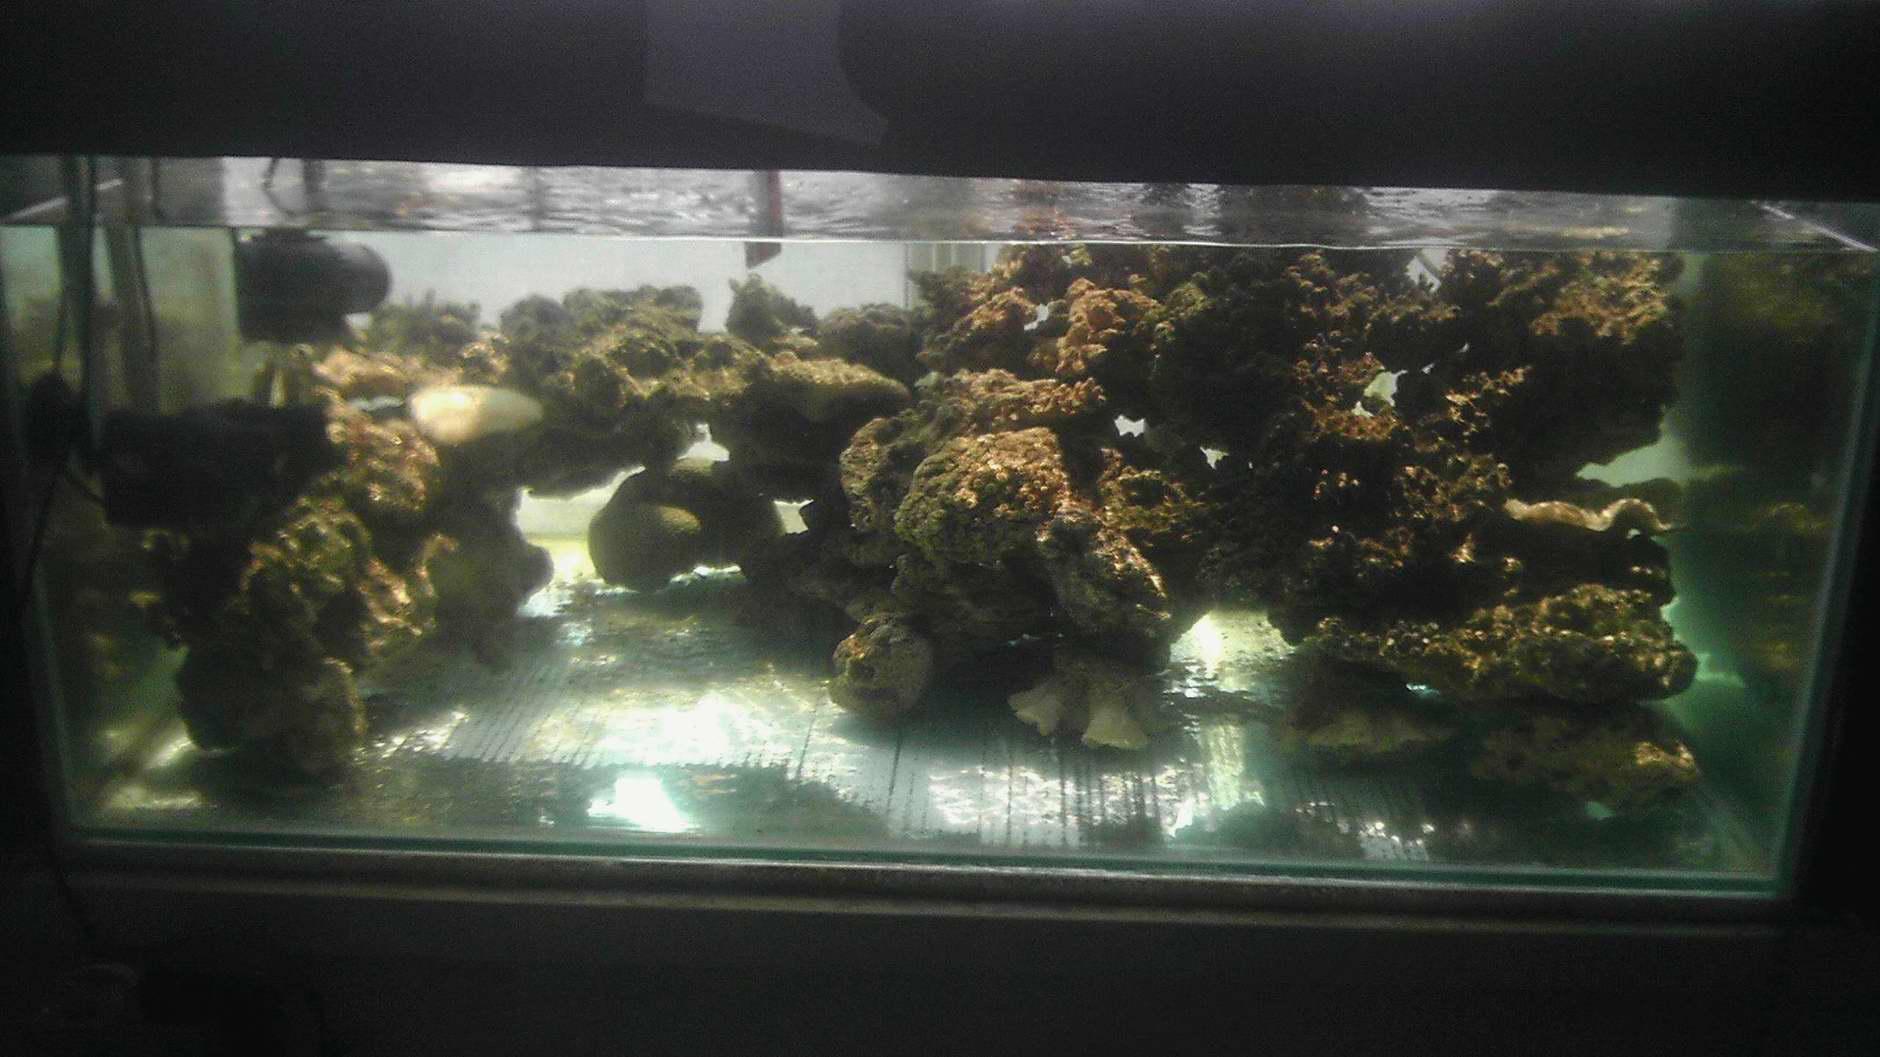 太原木子鱼的纯阳光柏林加ats缸